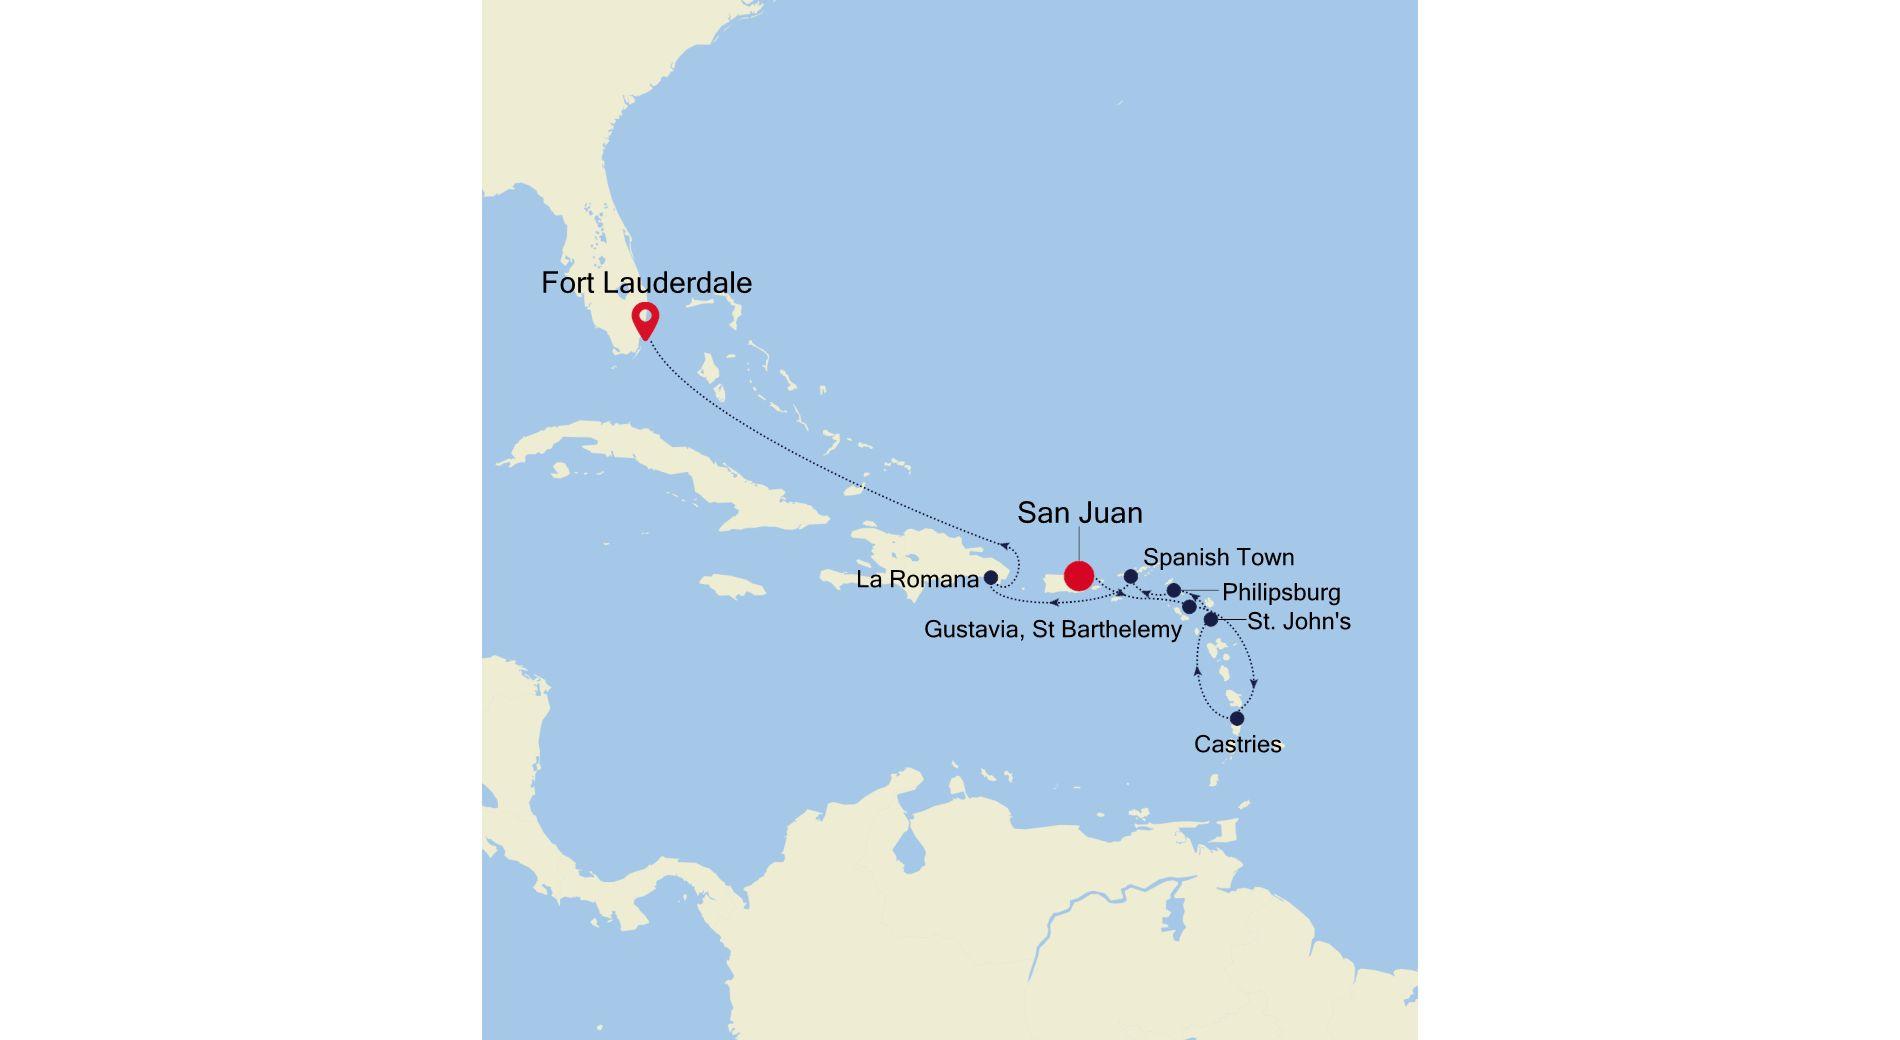 2934 - San Juan à Fort Lauderdale